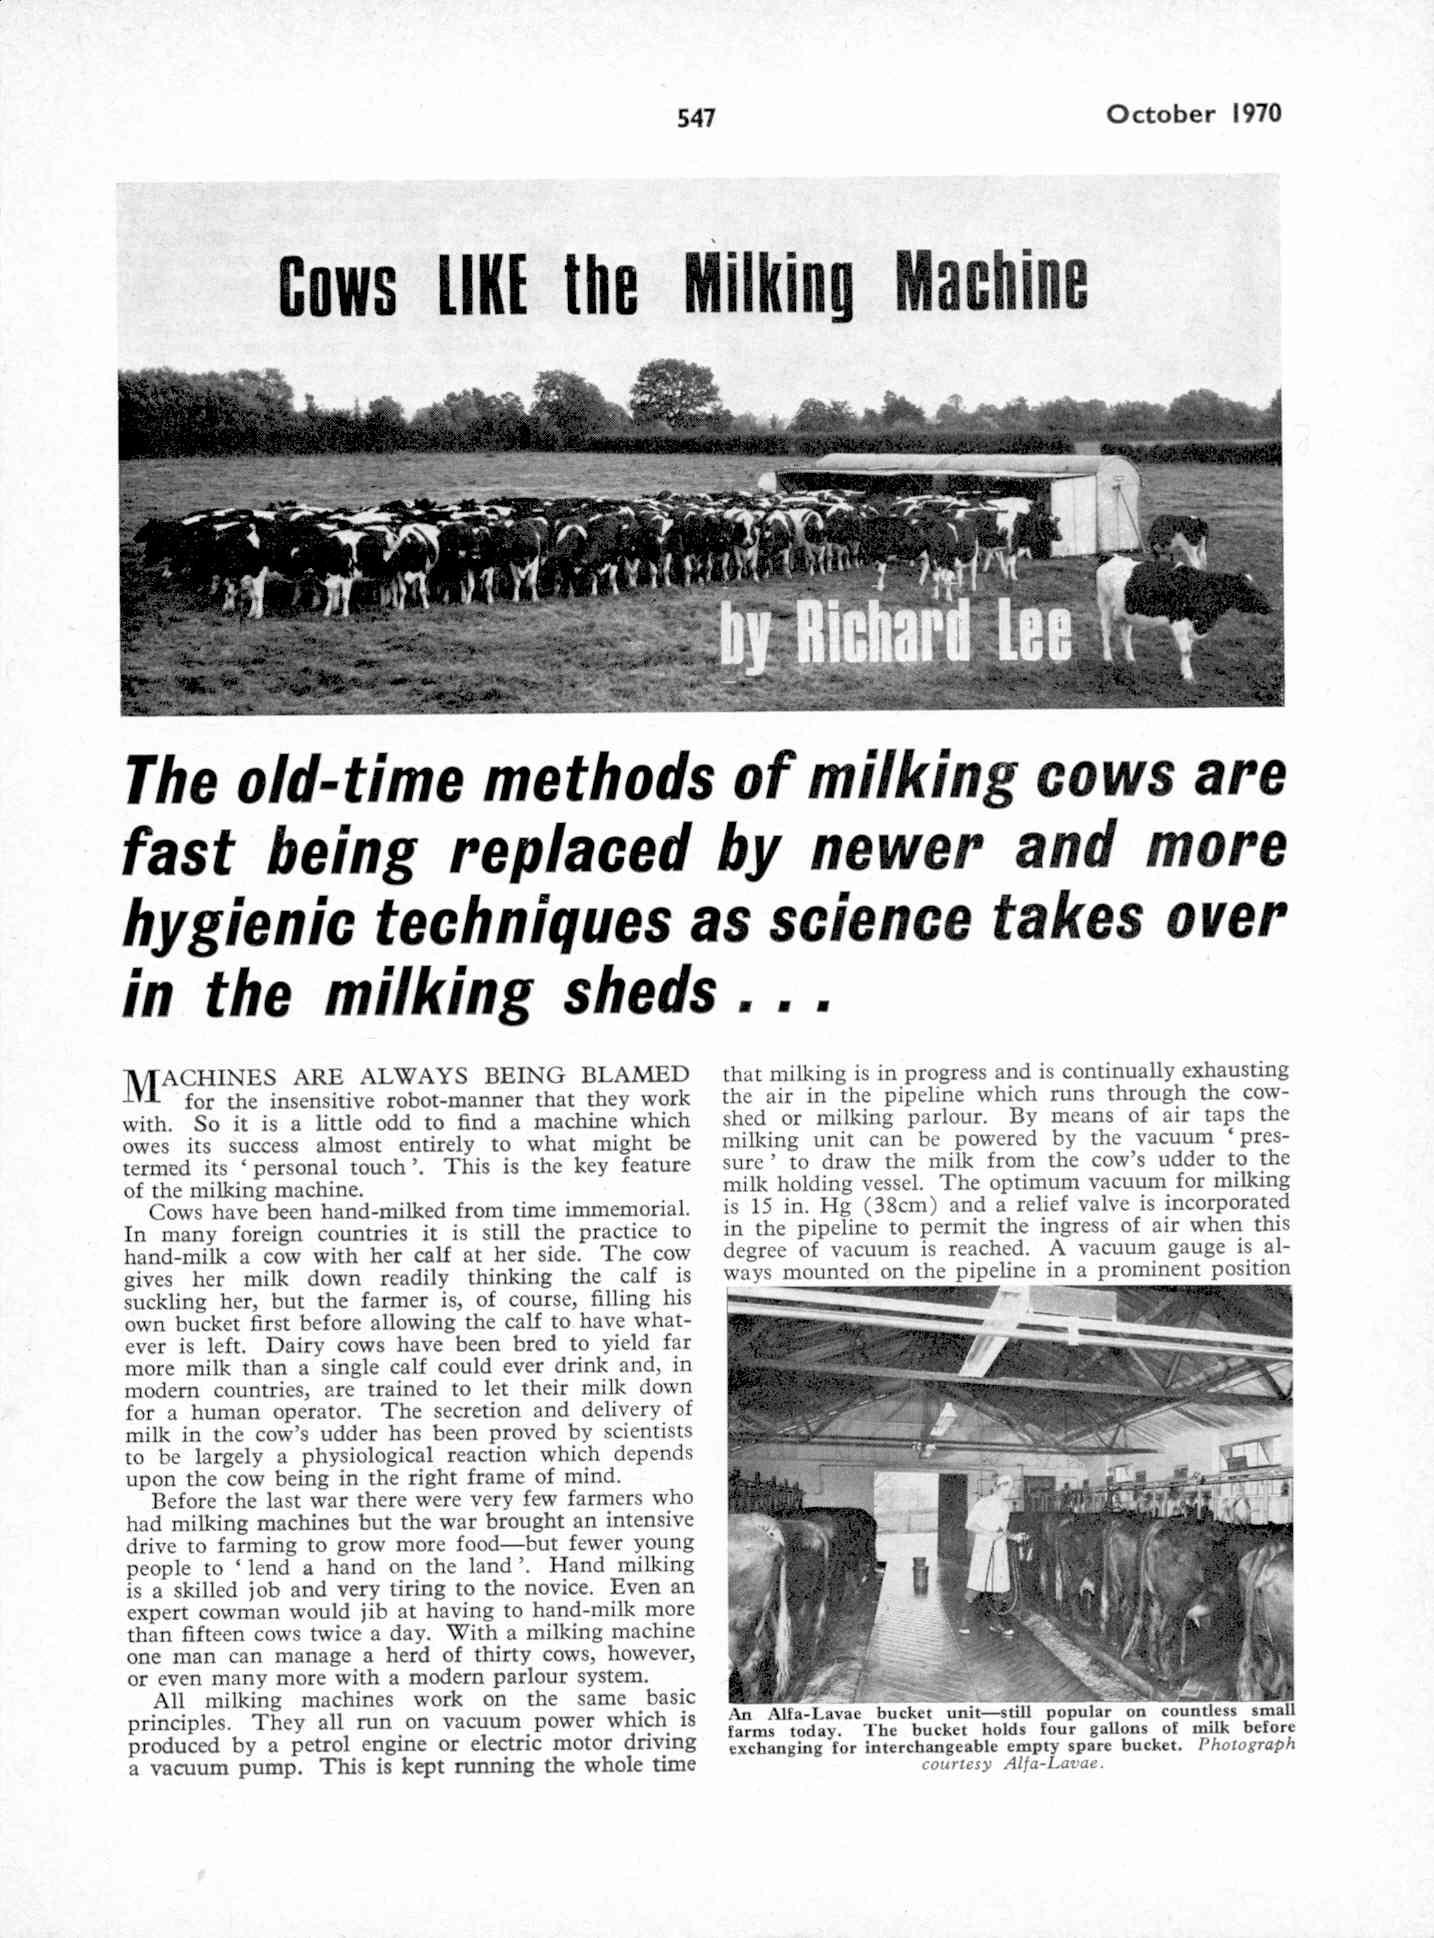 UK Meccano Magazine October 1970 Page 547